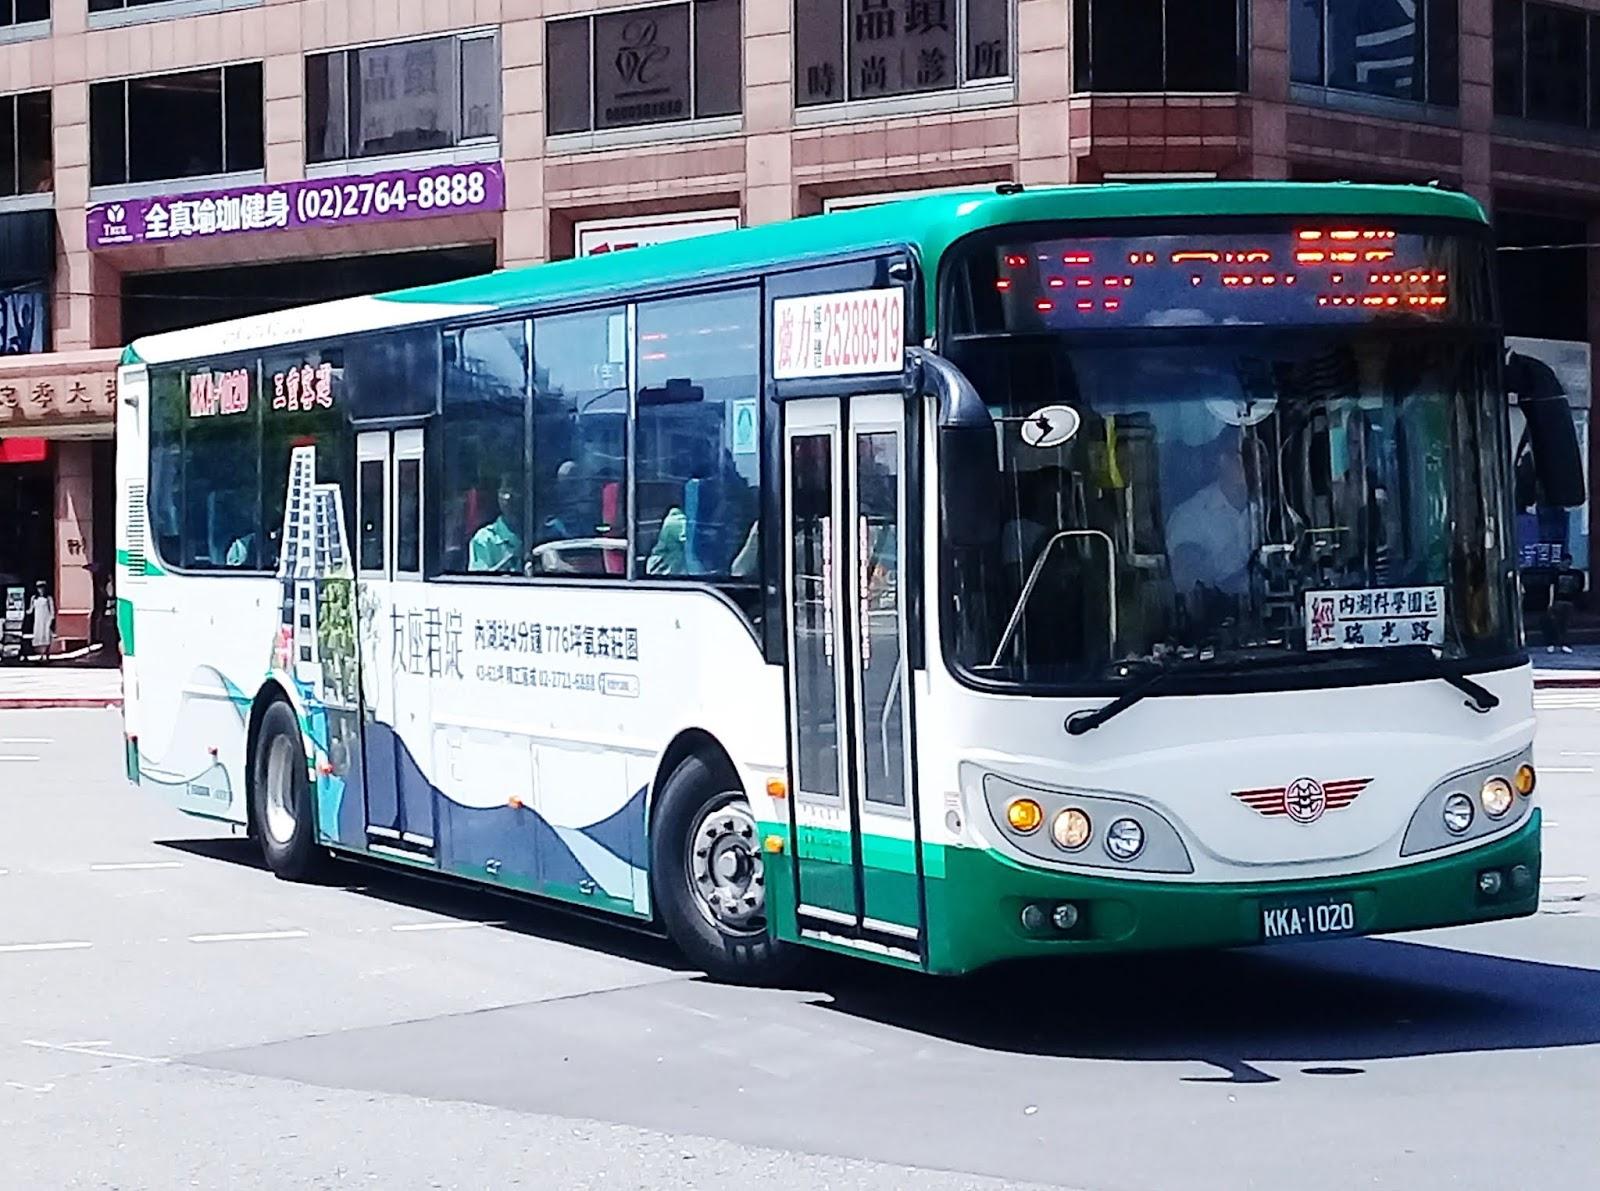 就是愛公車: 20190814 藍26 舊宗路-捷運市政府站 搭乘紀錄